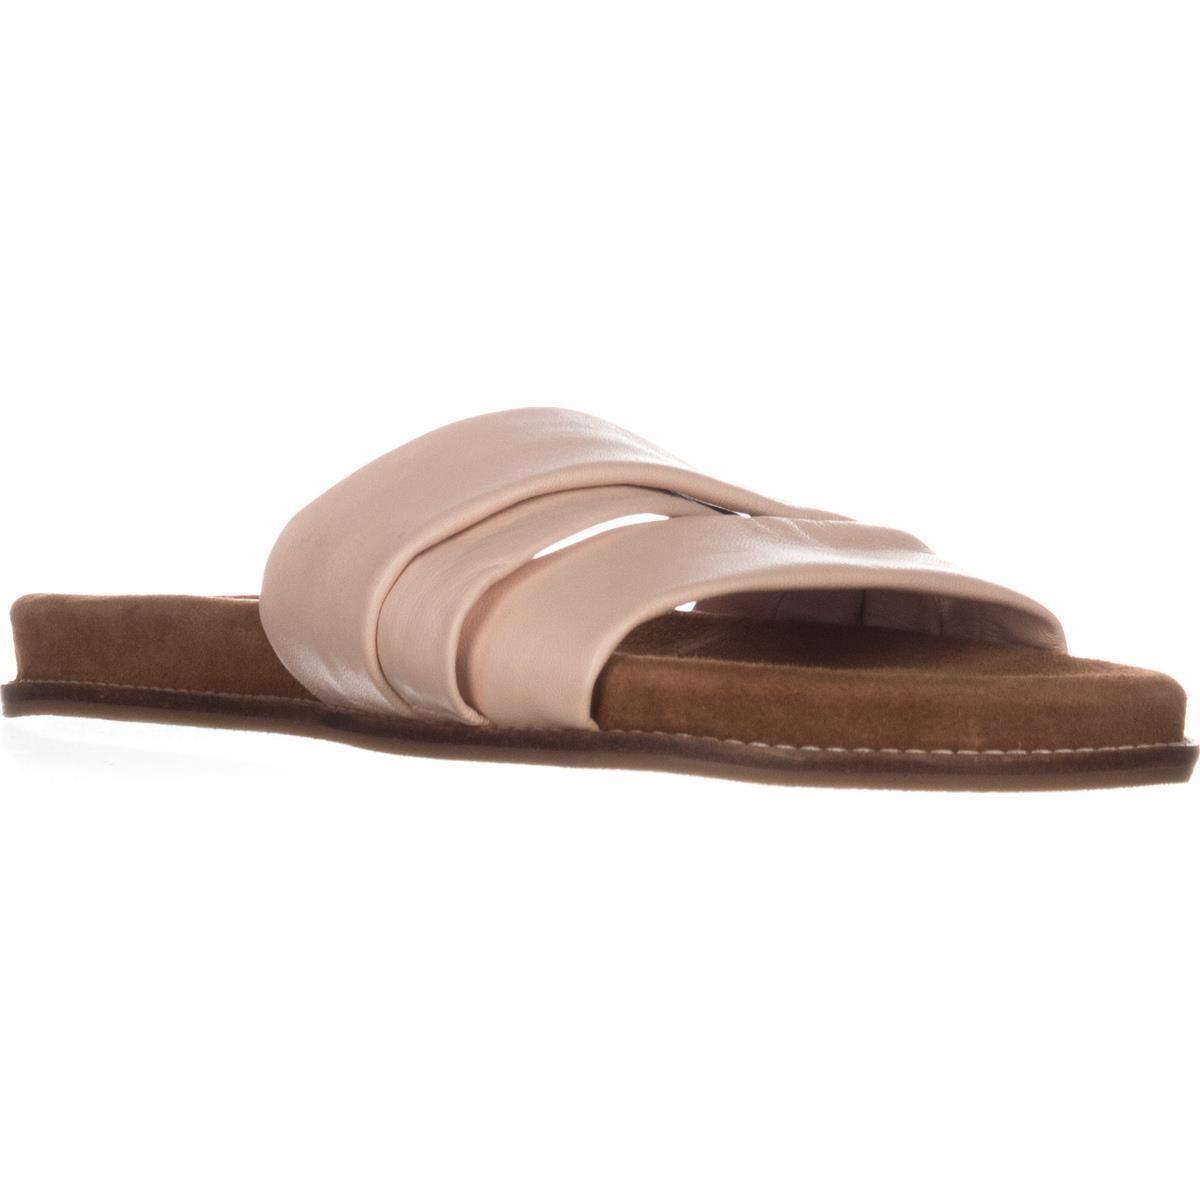 Callisto Damenschuhe Perfect Leder Open Toe Casual Slide Sandales, ... Beige ... Sandales, 66c9af